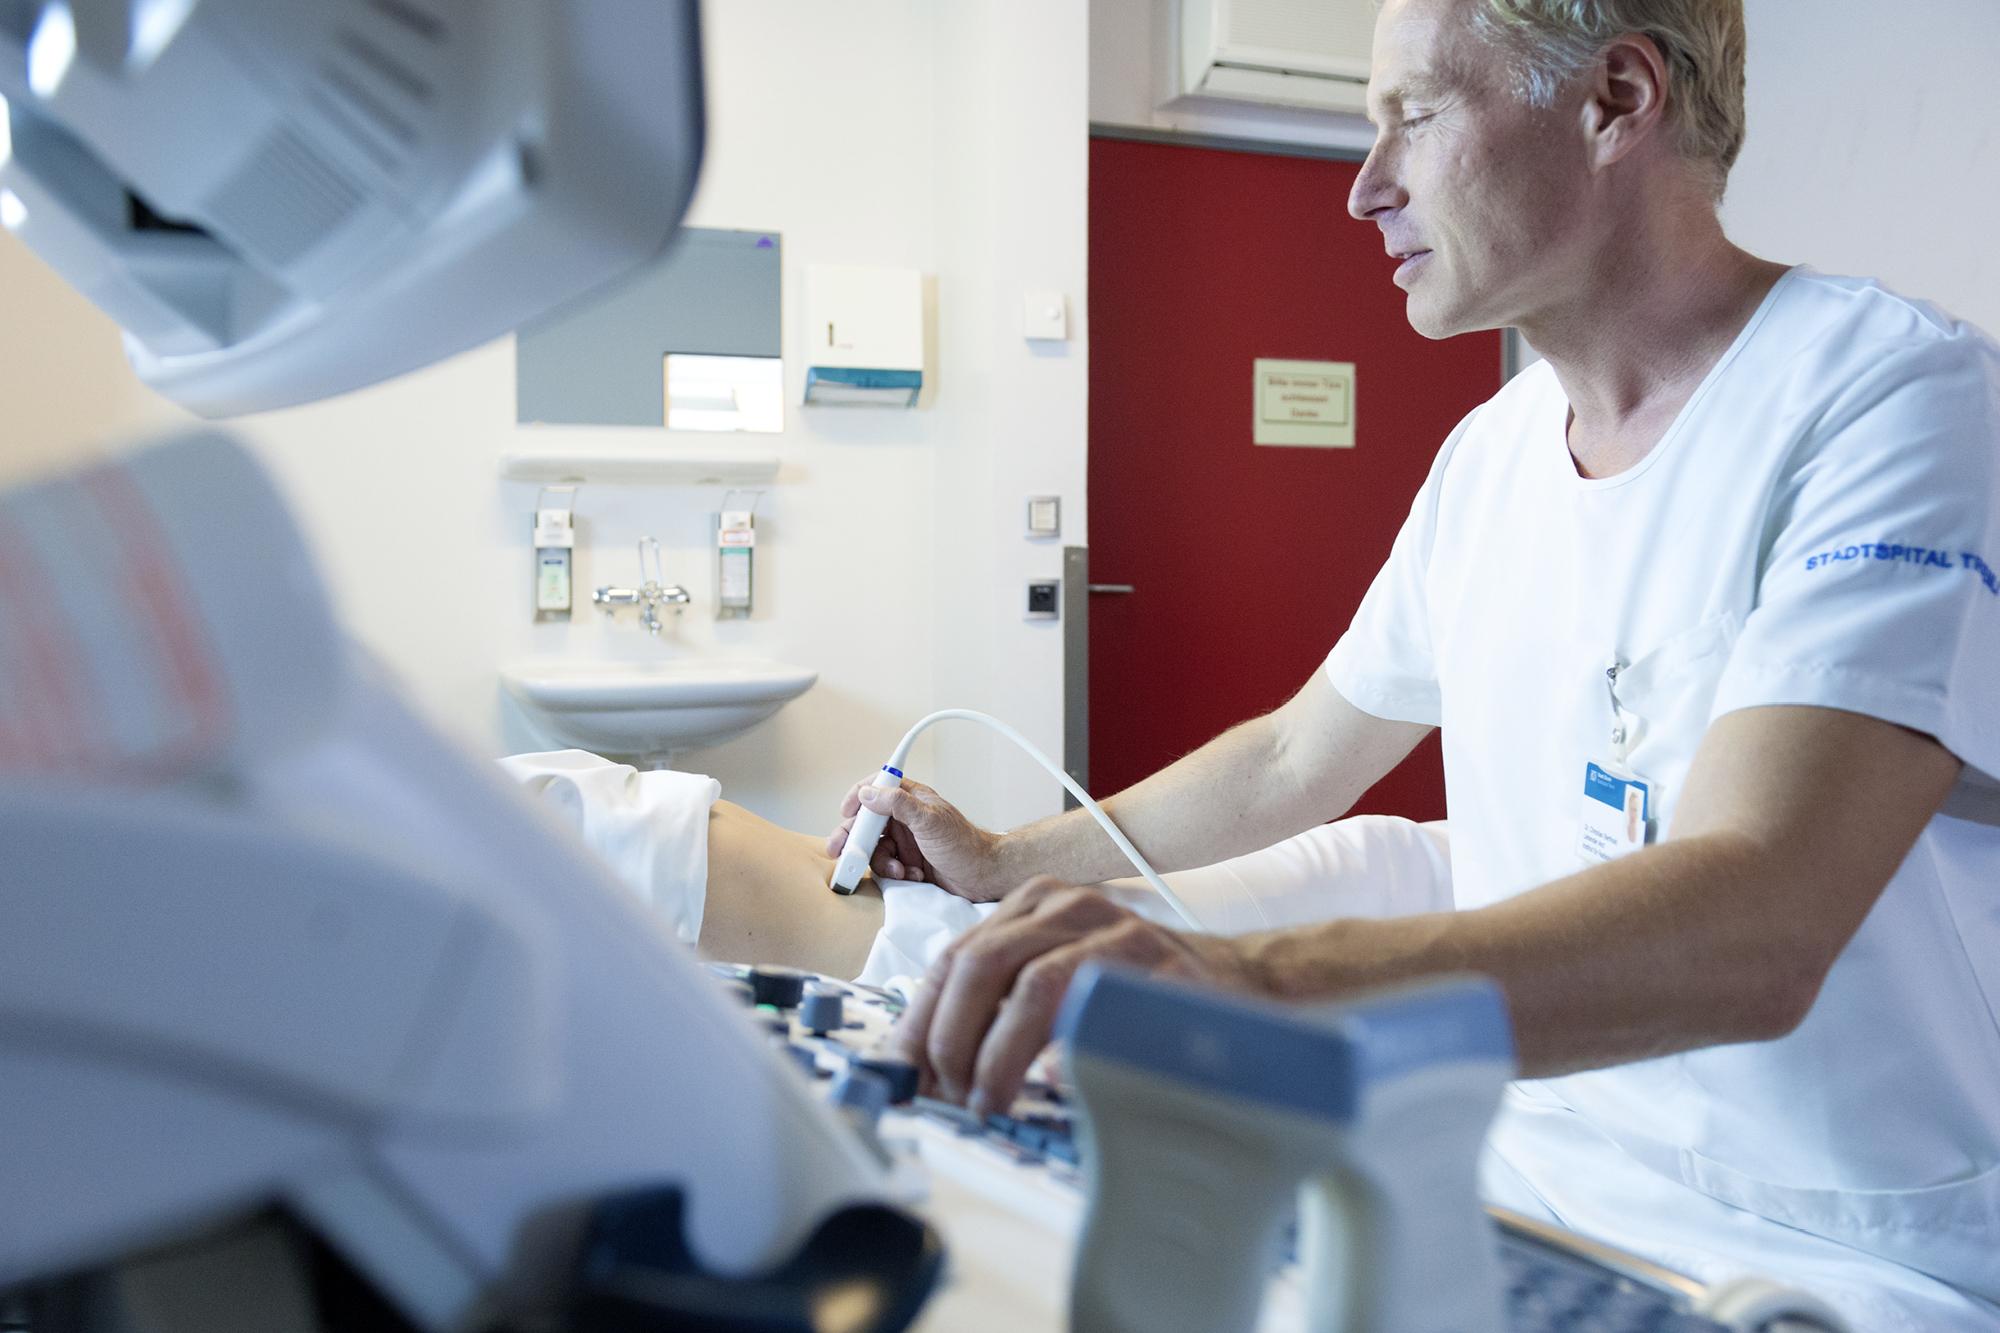 Angebot Diagnostische Radiologie – Stadtspital Triemli Zürich